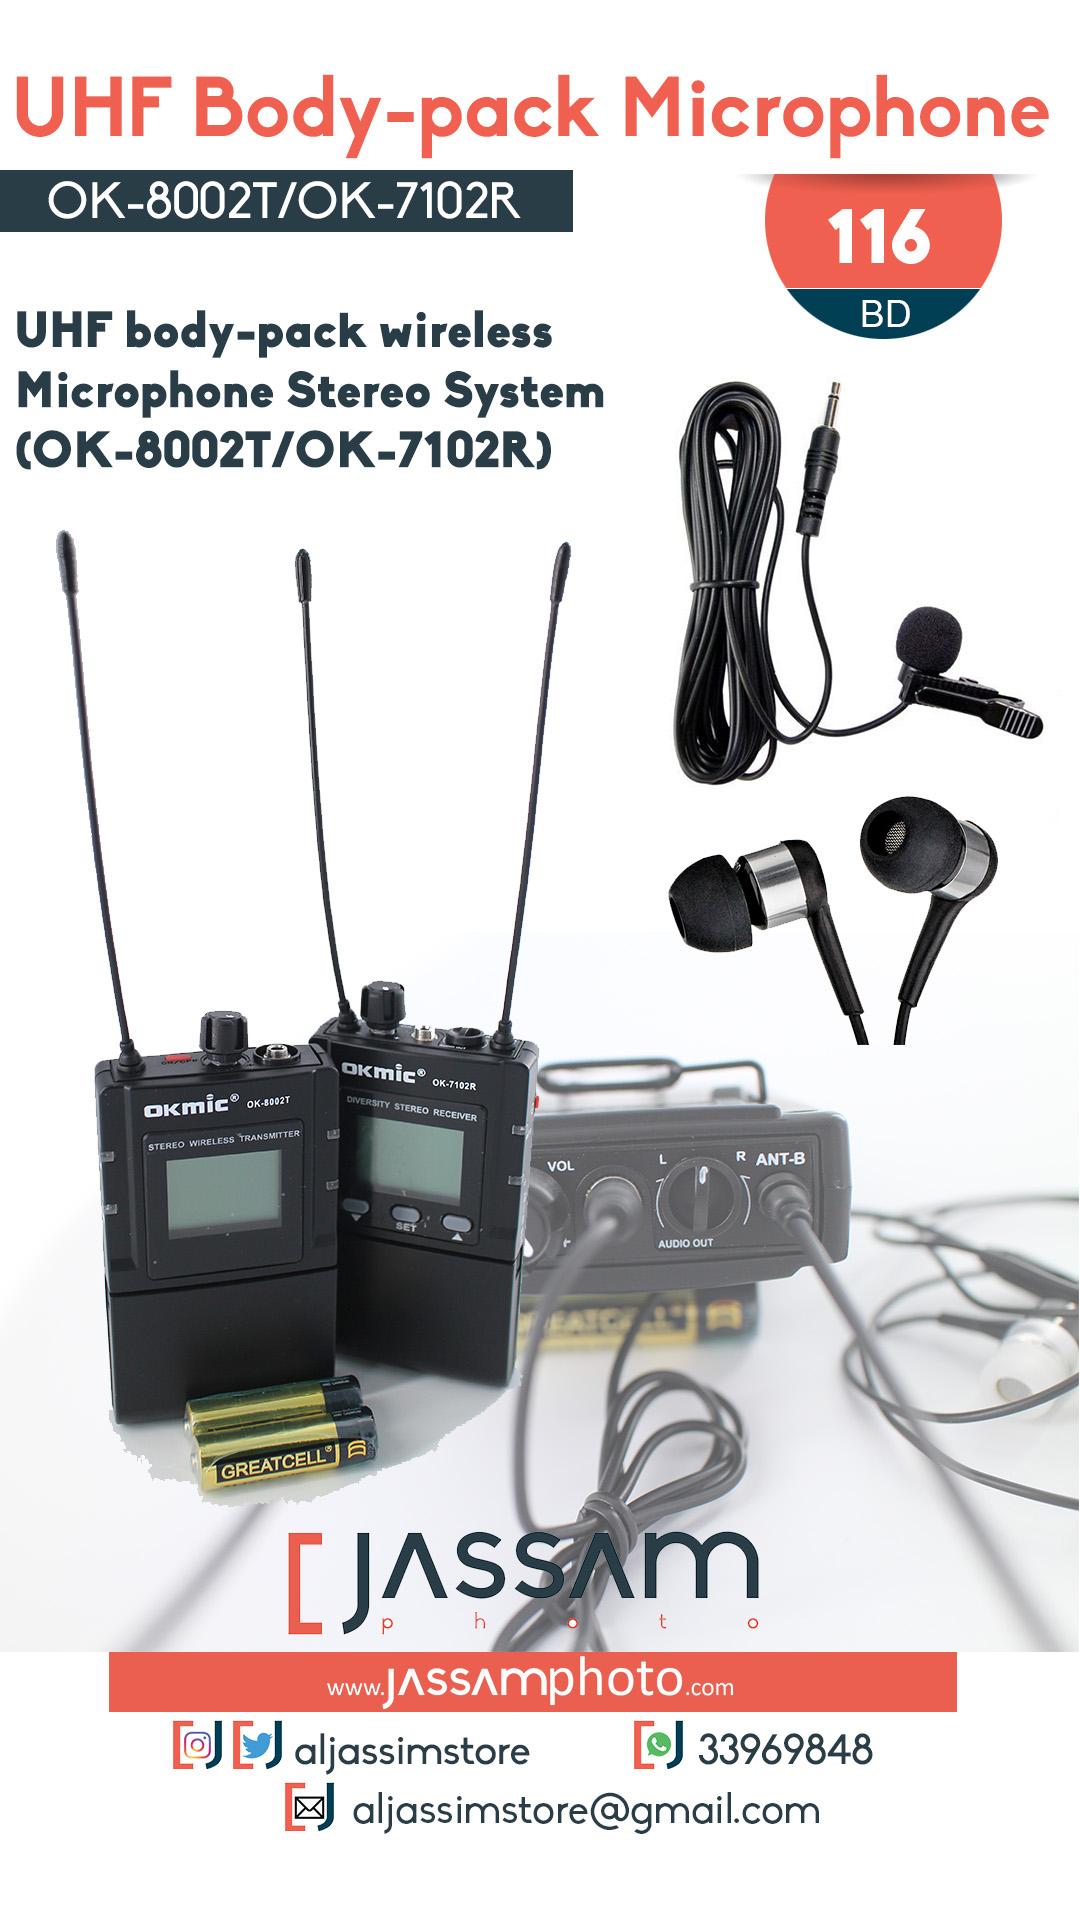 OK-800 OK-7102R